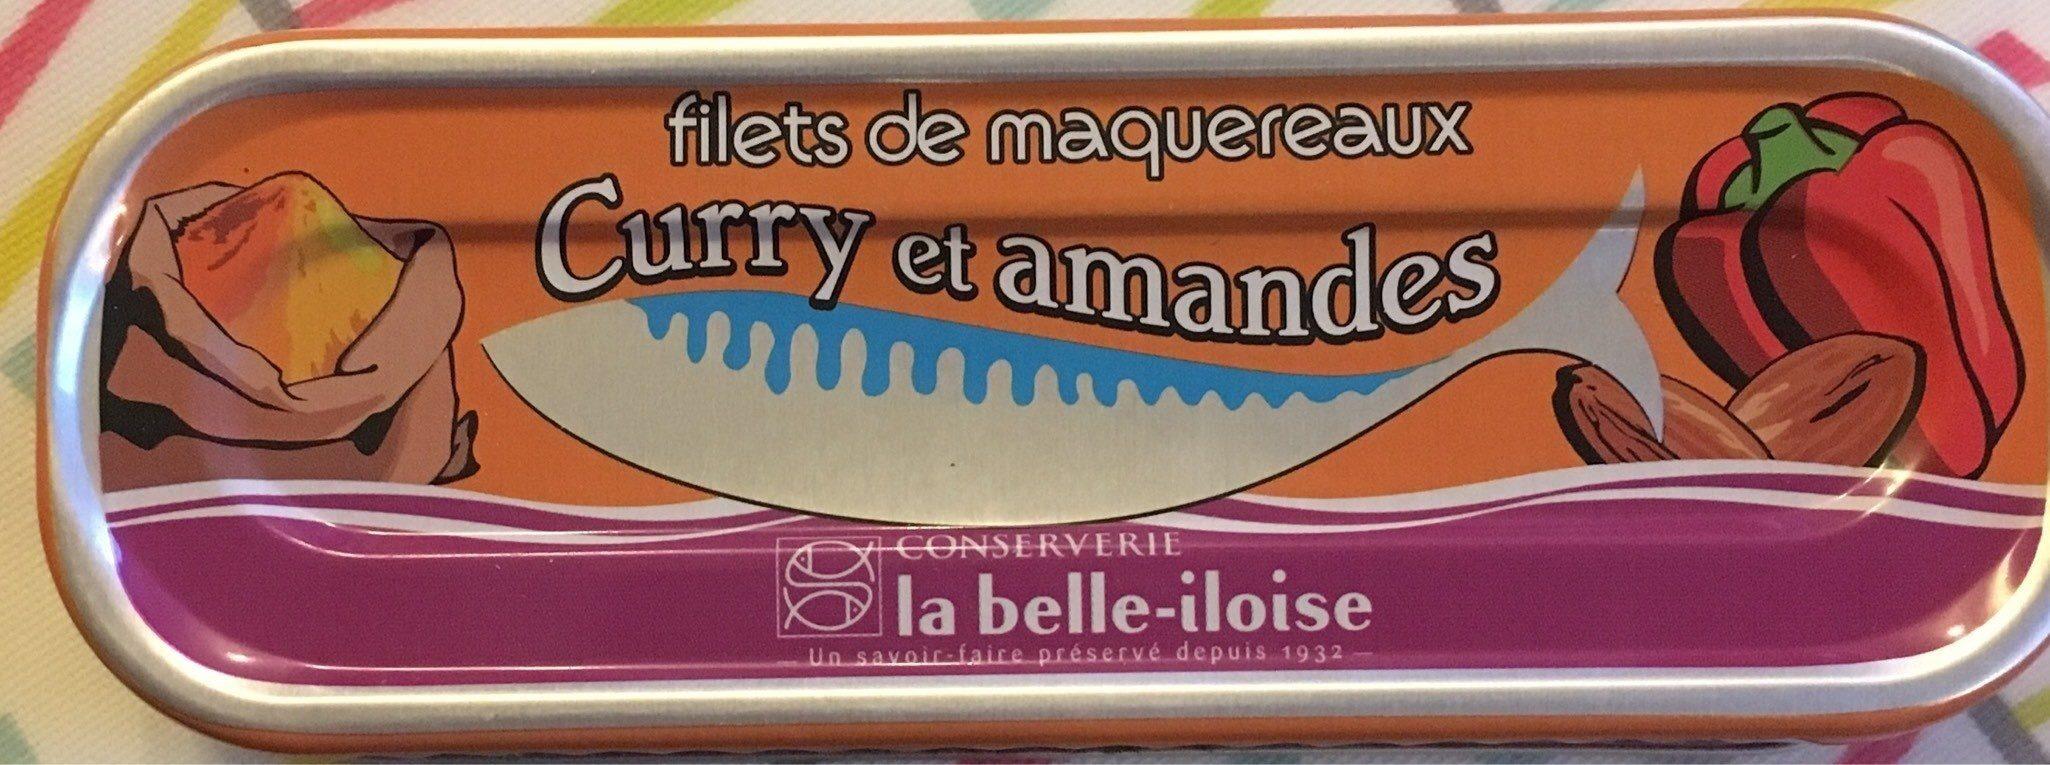 Filets de maquereaux curry et amandes - Product - fr